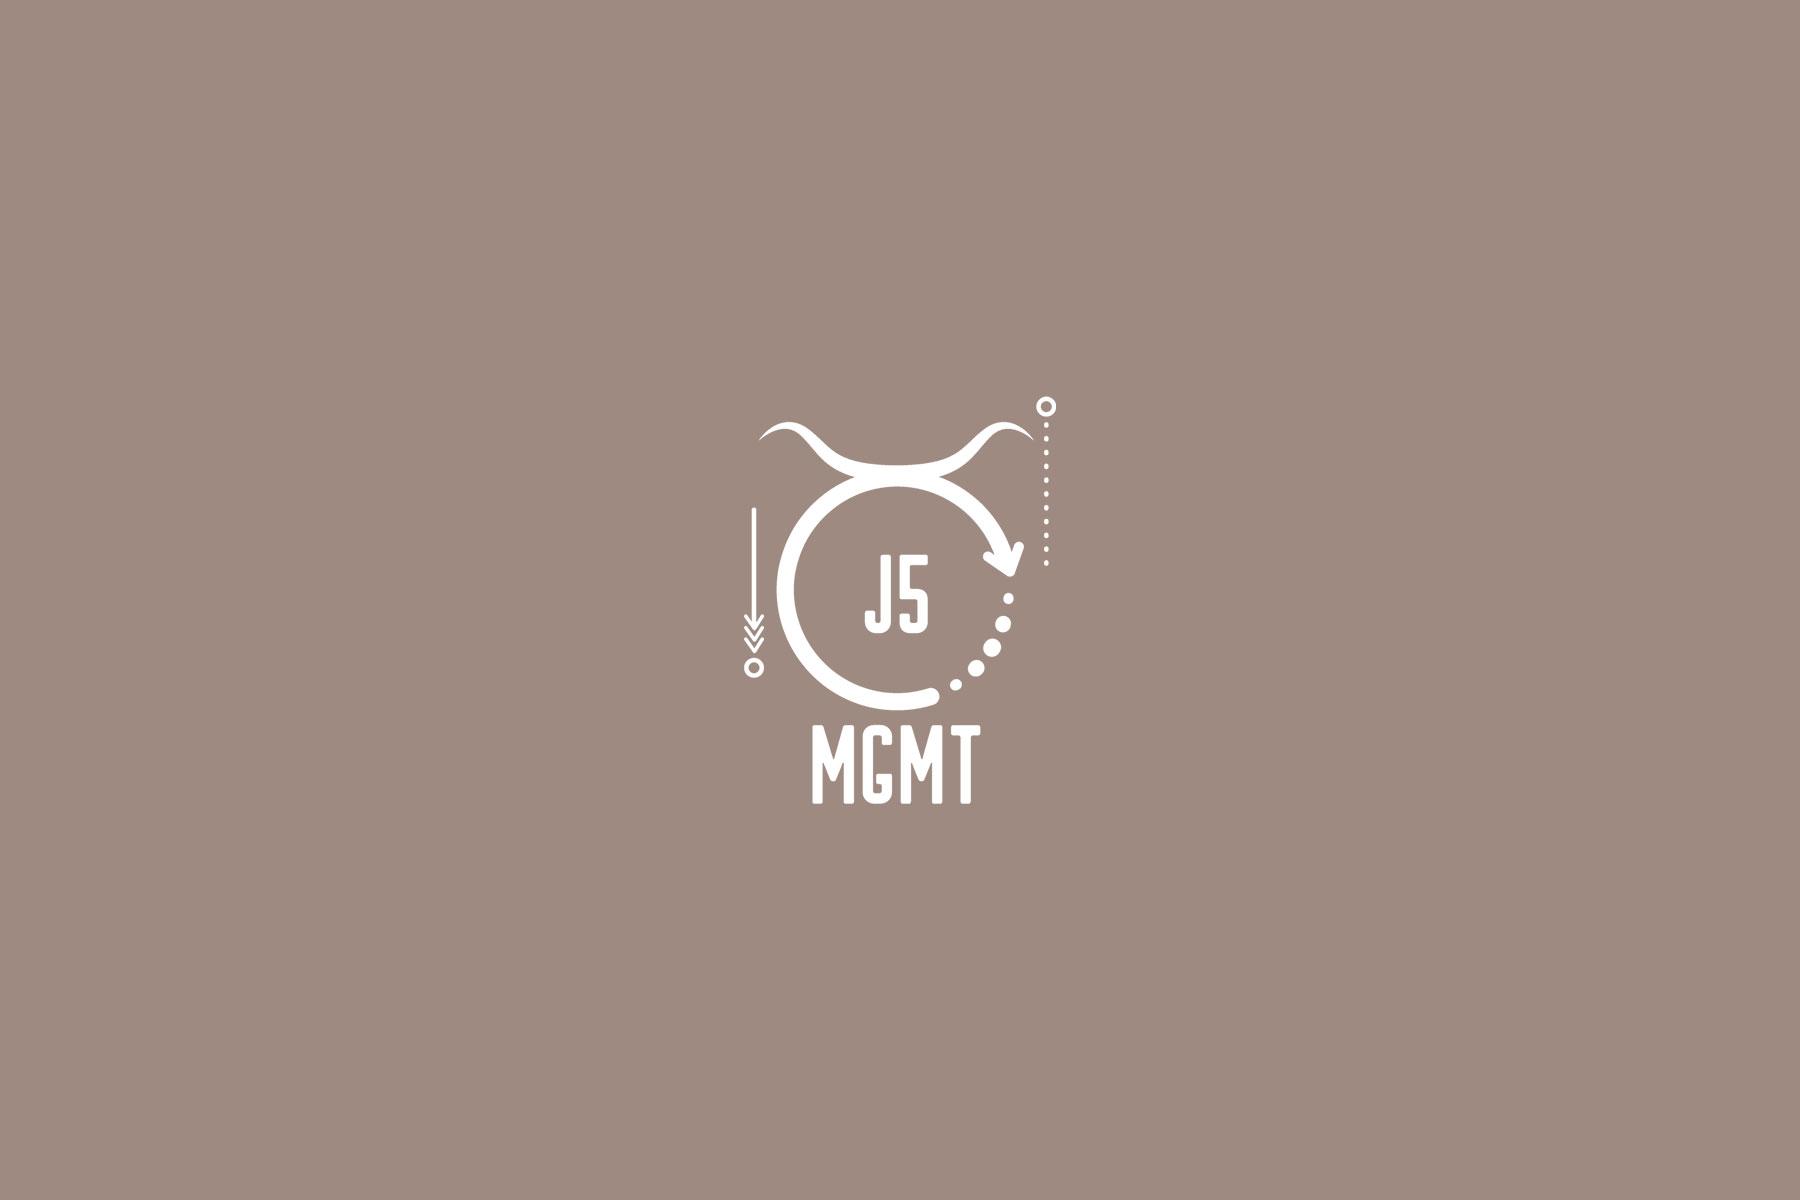 J5-Mgmt-Portfolio-Logo.jpg